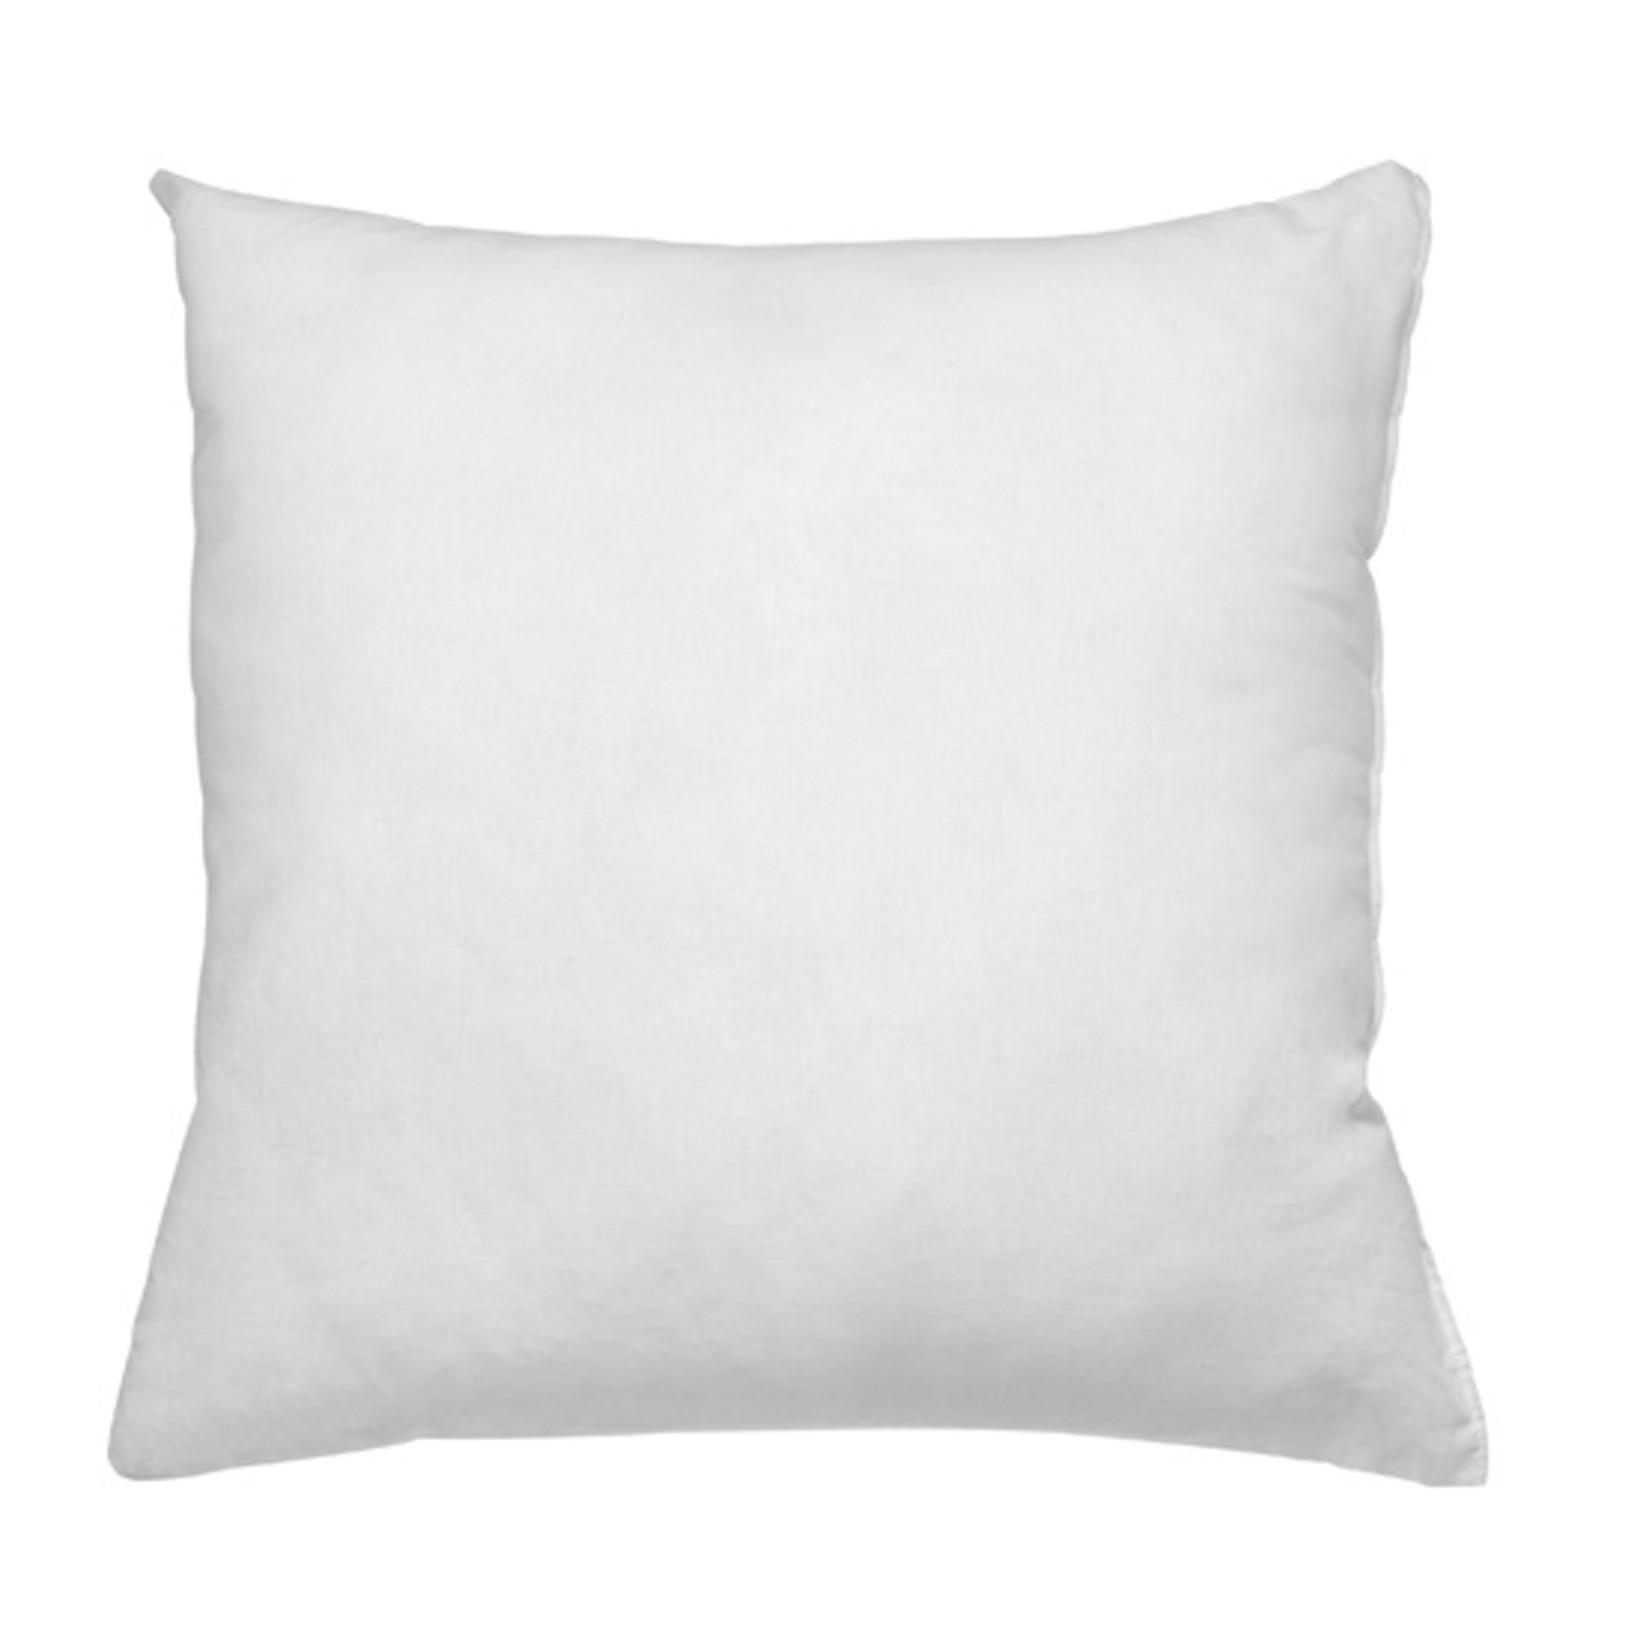 Inner Cushion - 60x60